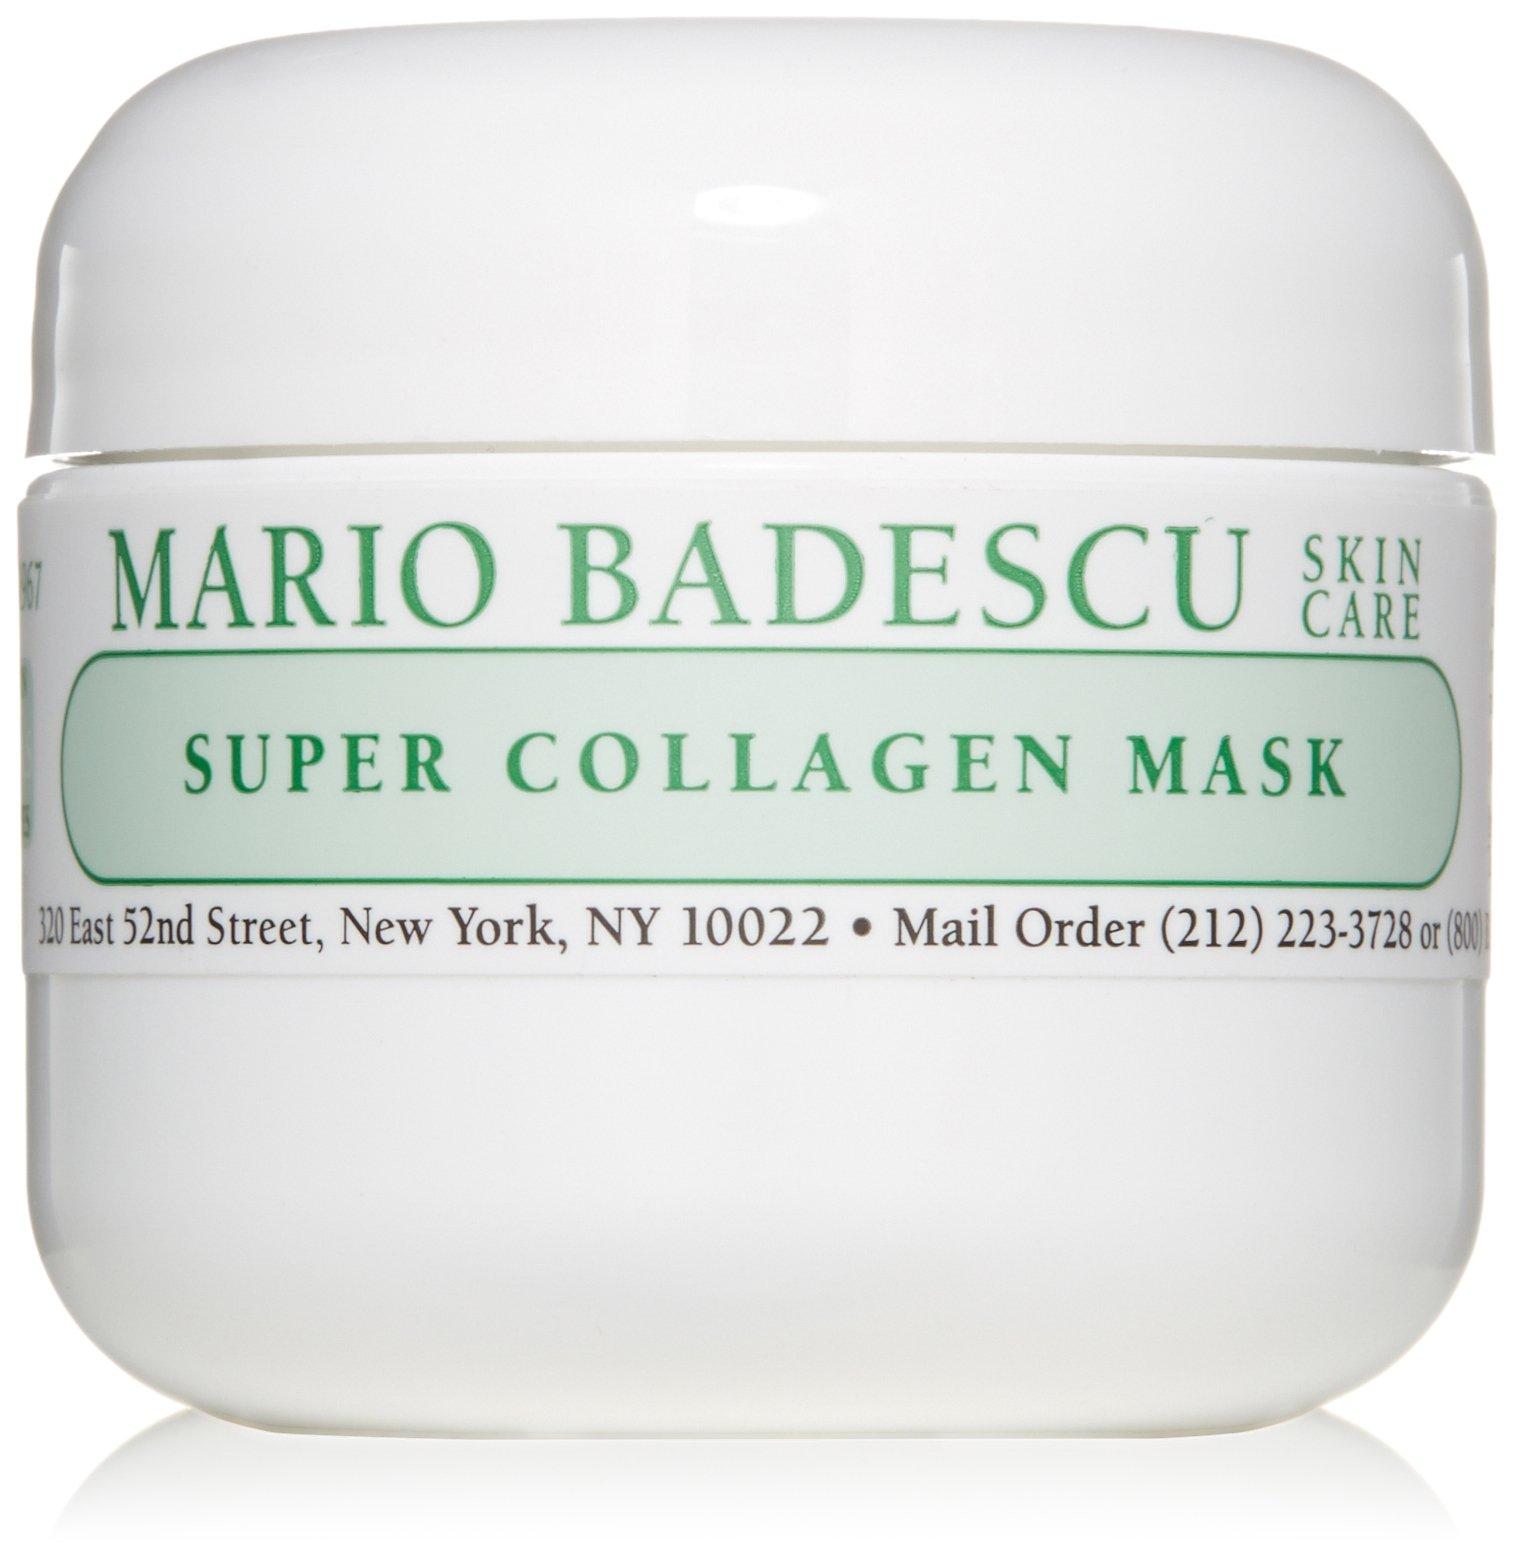 Mario Badescu Super Collagen Mask, 2 oz.